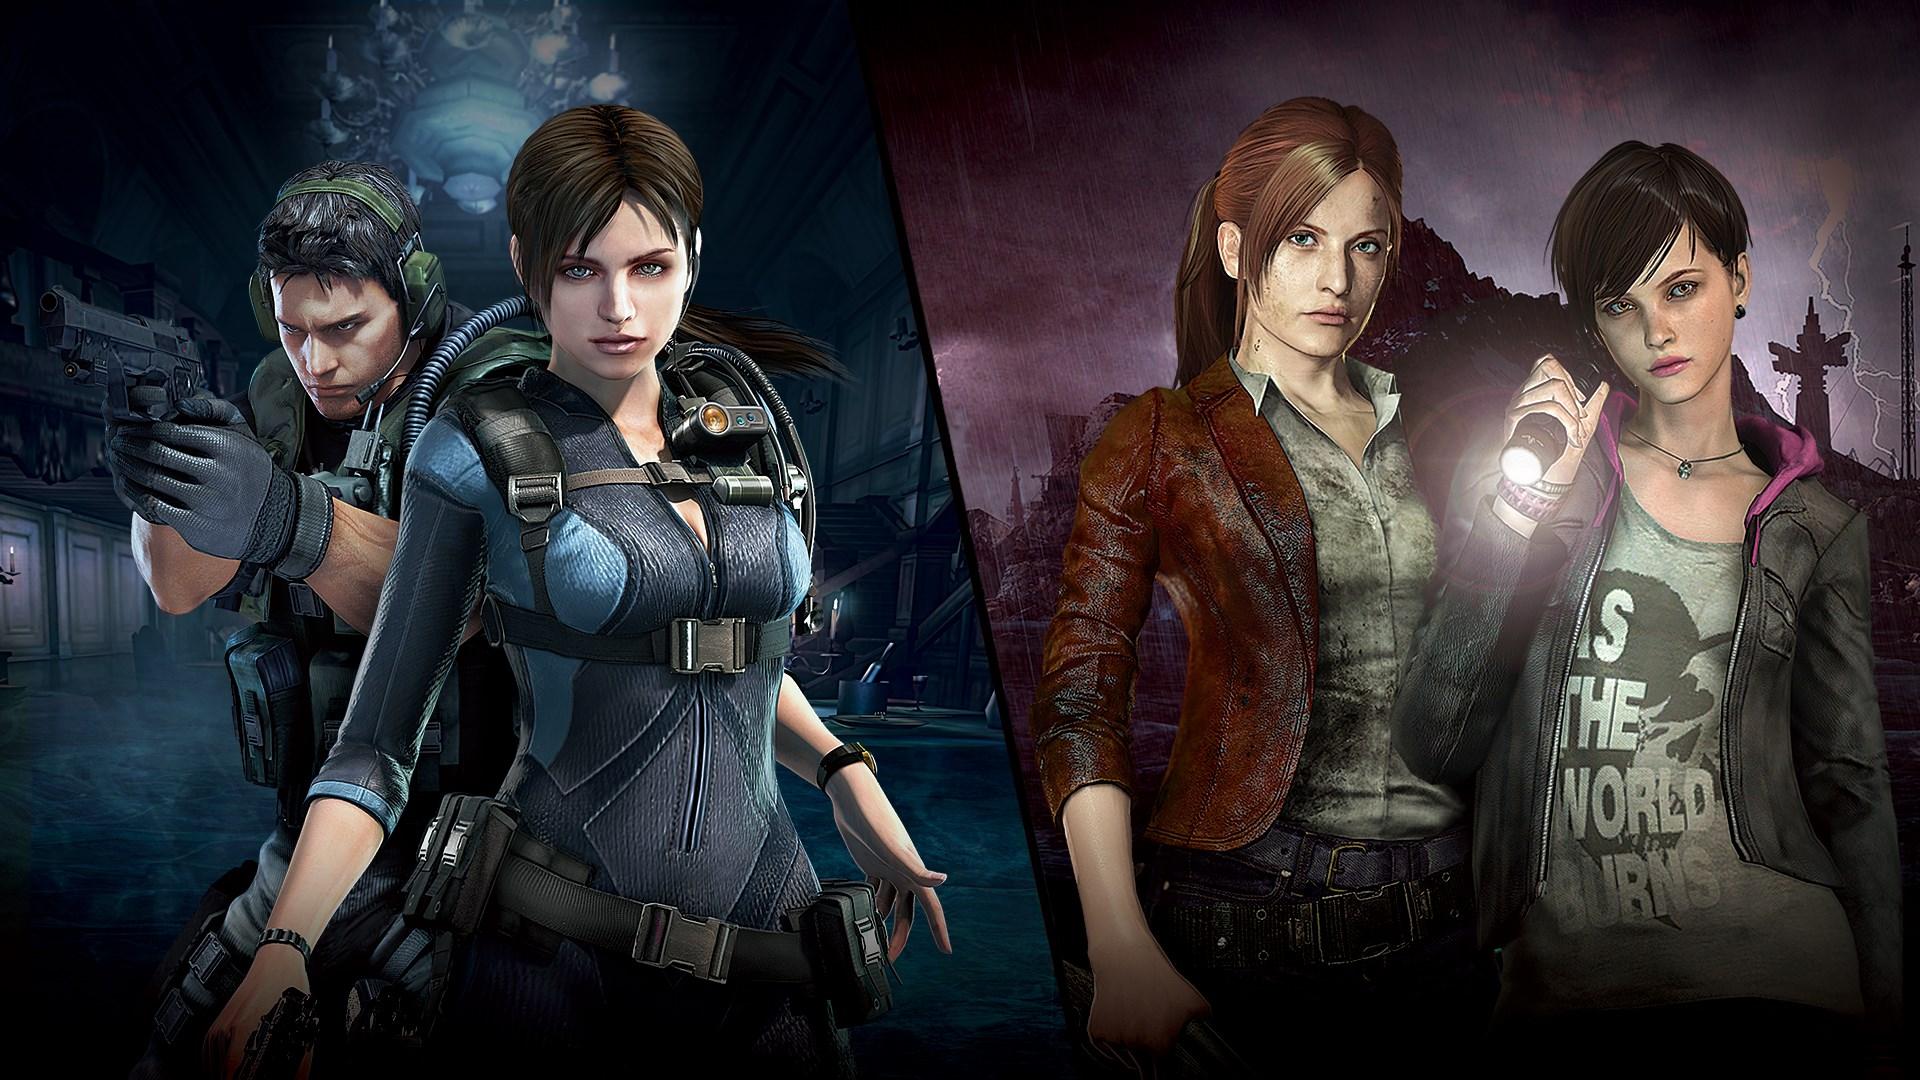 Resident Evil Revelations 1 and 2